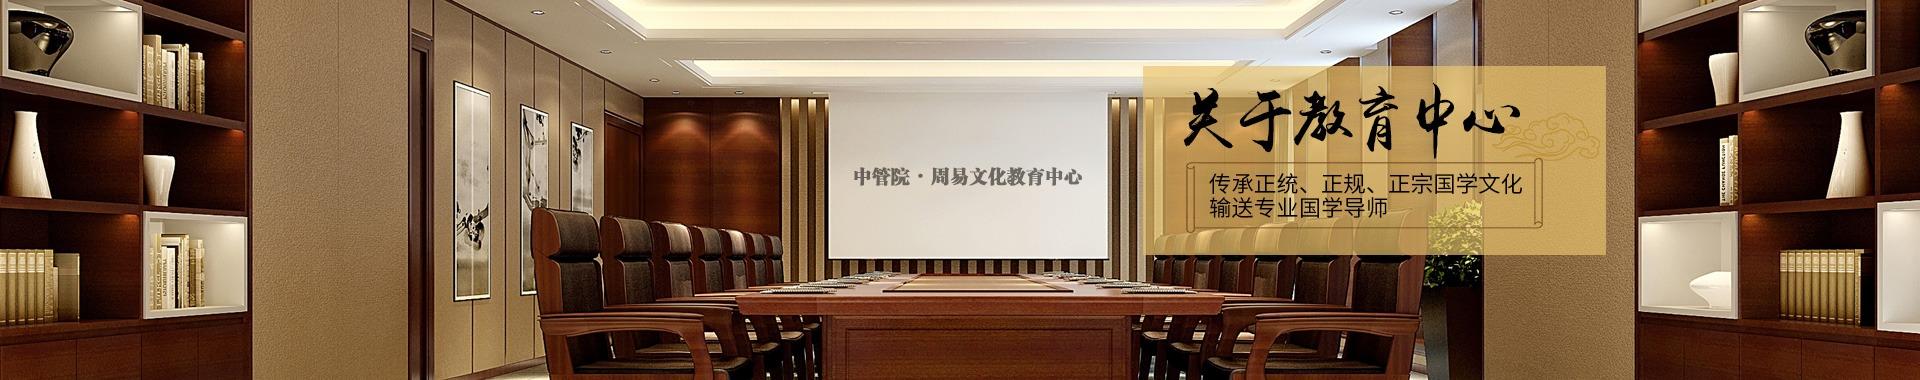 中管院·周易文化教育中心新闻资讯